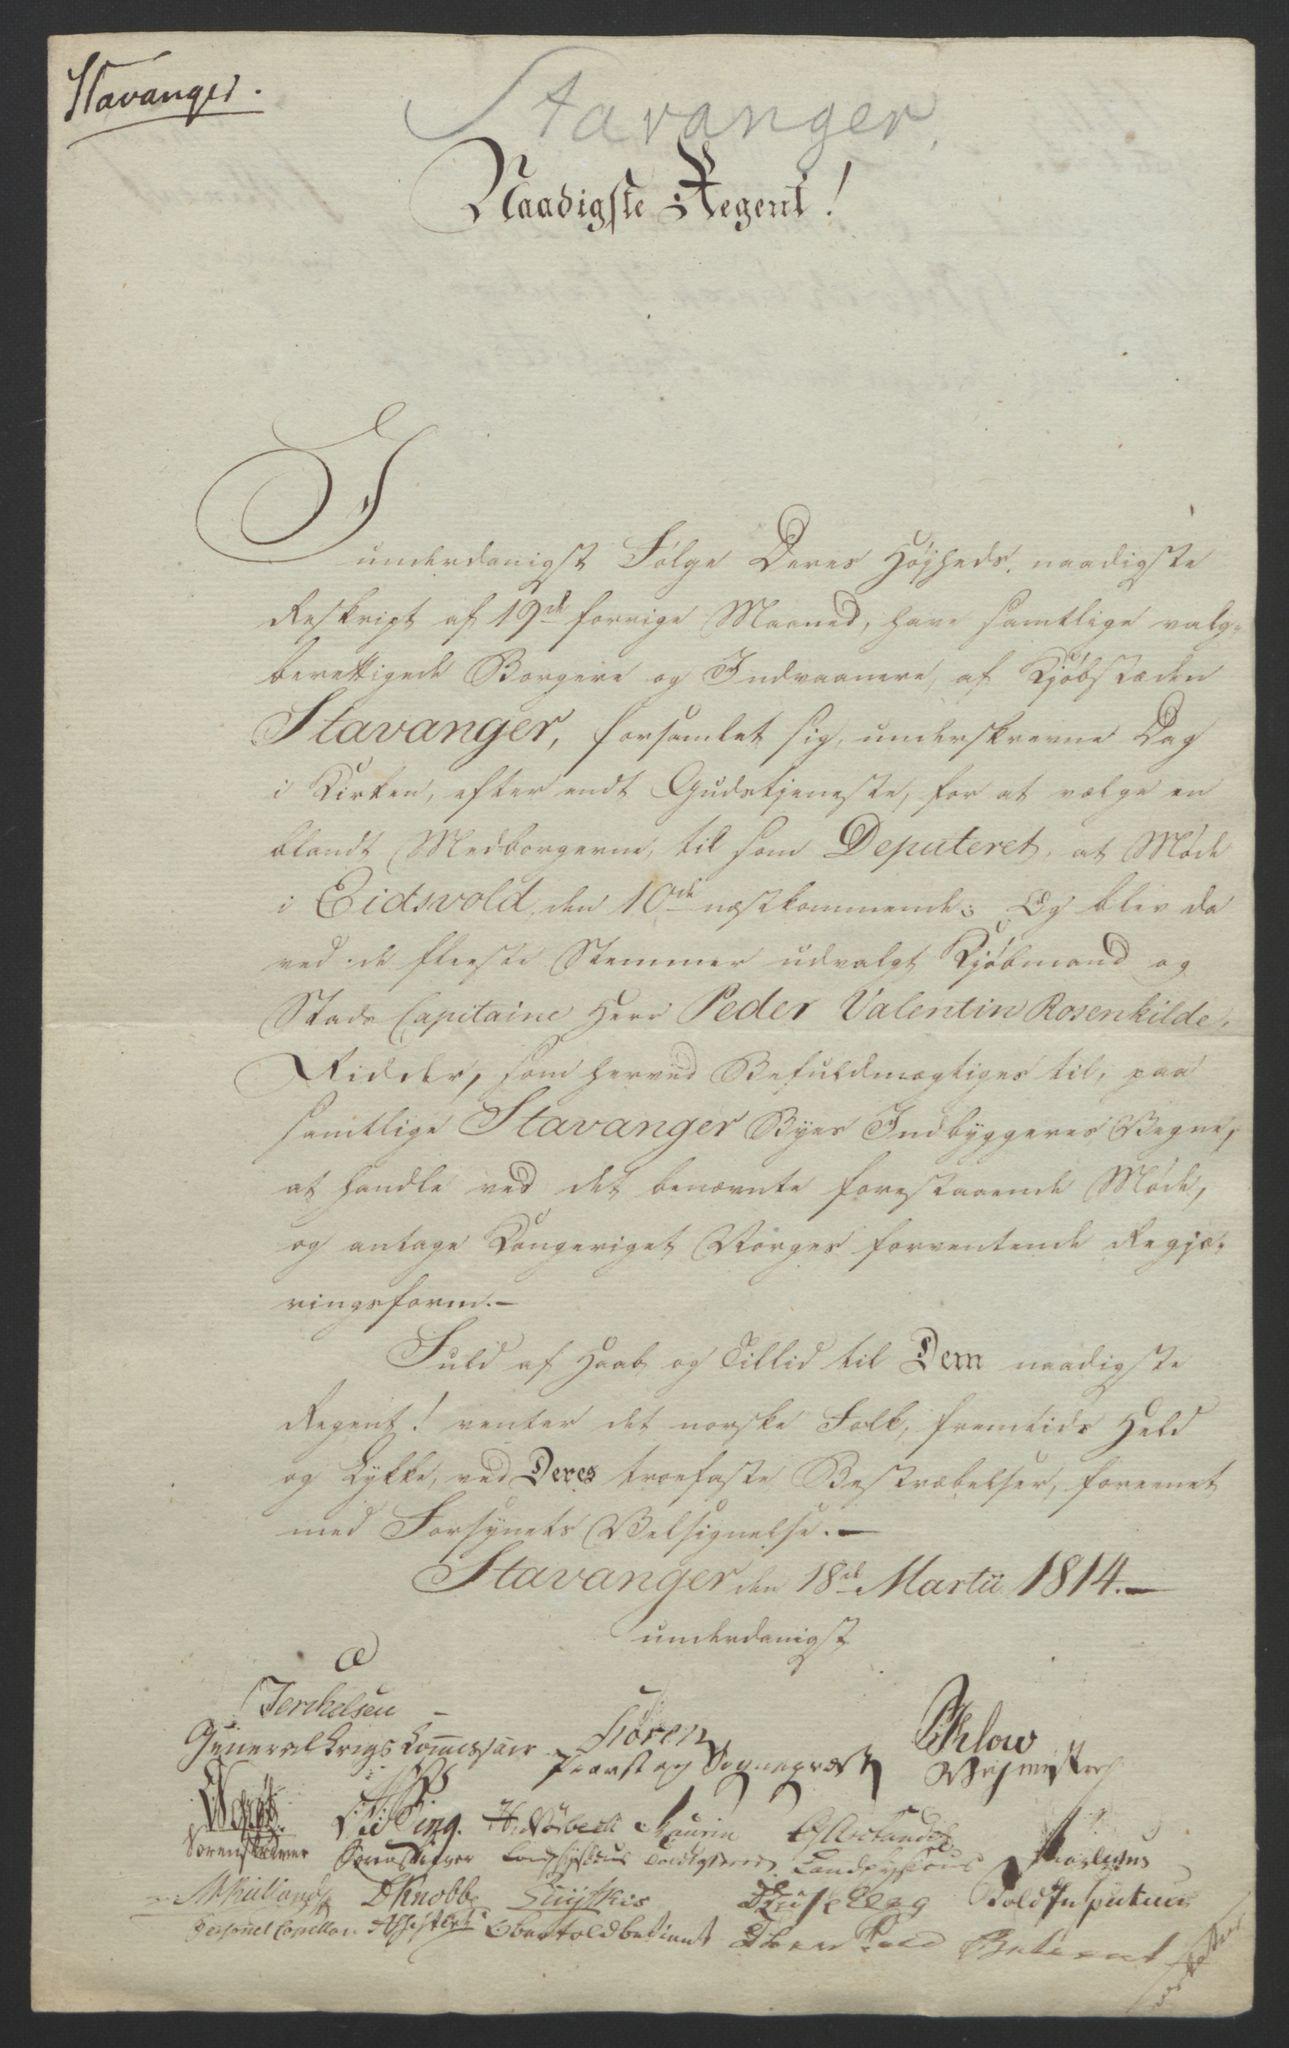 RA, Statsrådssekretariatet, D/Db/L0007: Fullmakter for Eidsvollsrepresentantene i 1814. , 1814, s. 62